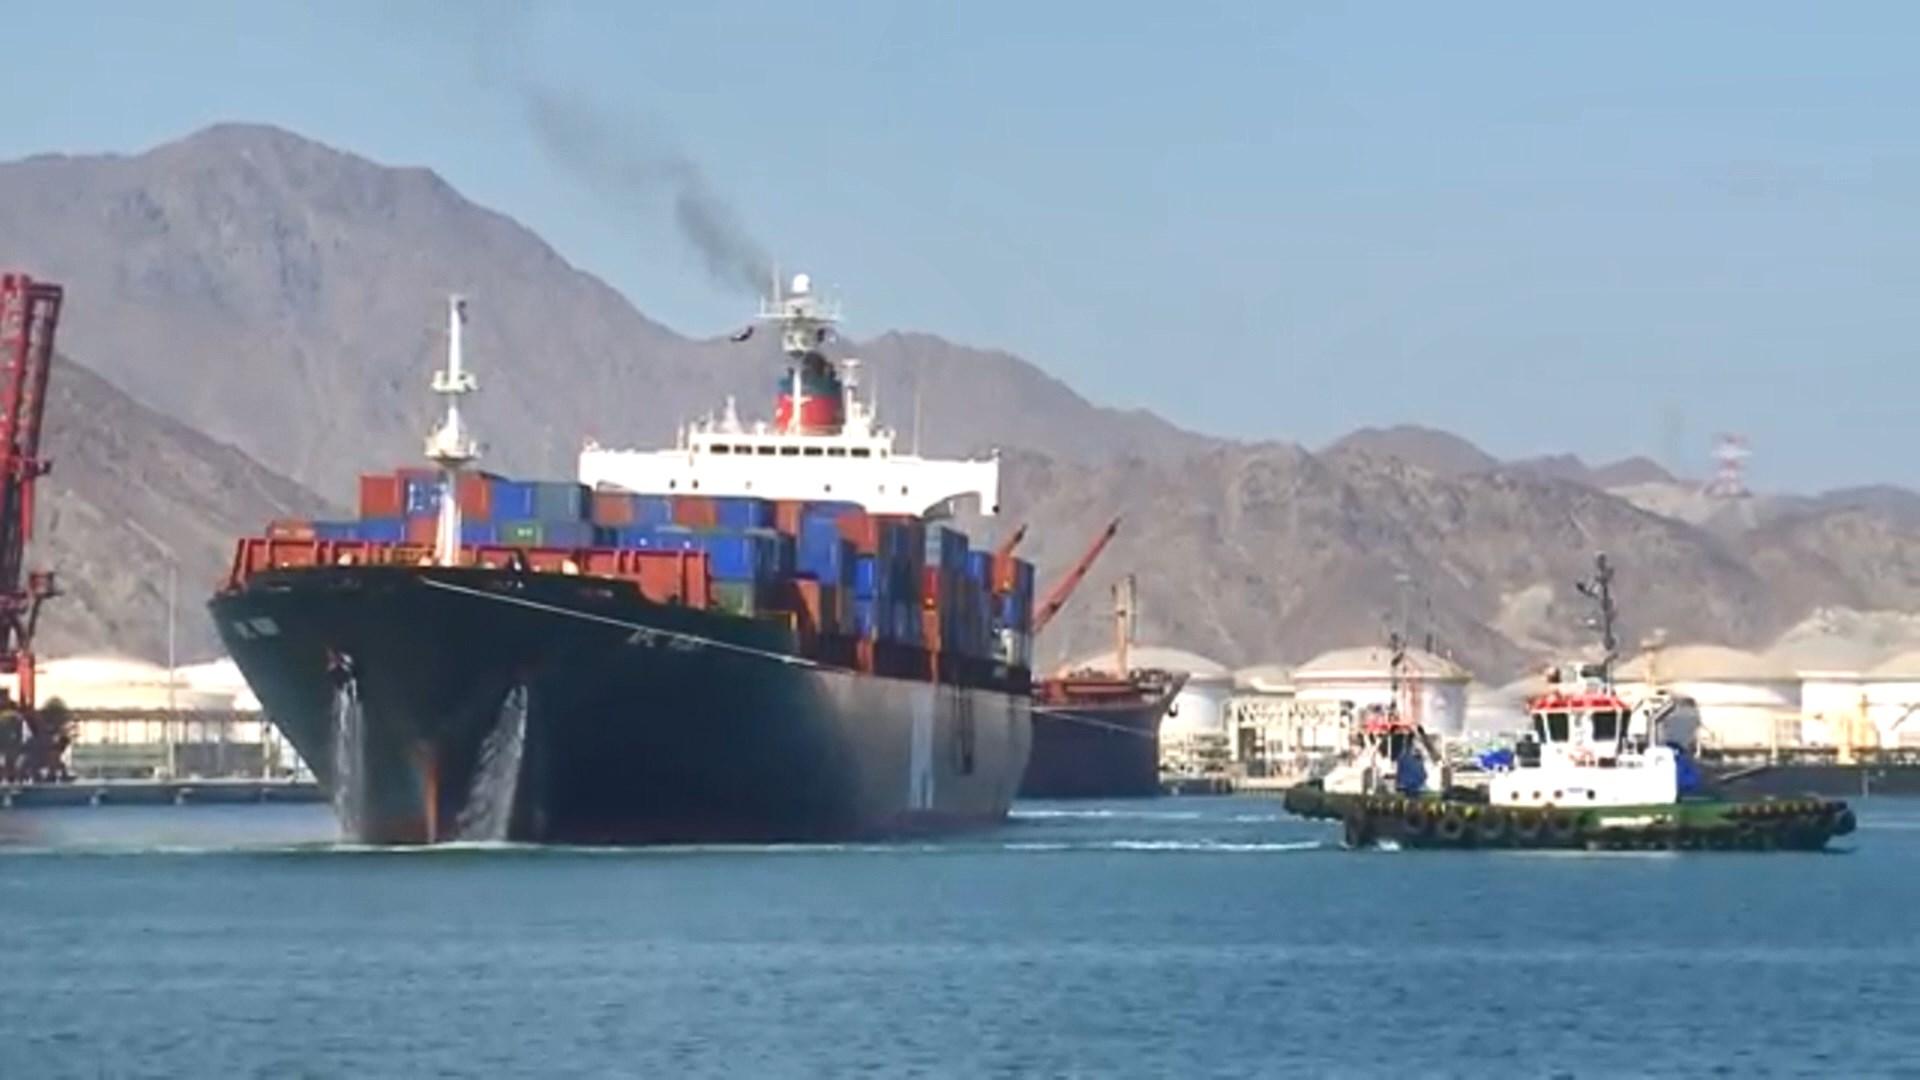 油輪遇襲後保費增加 有船暫停出航